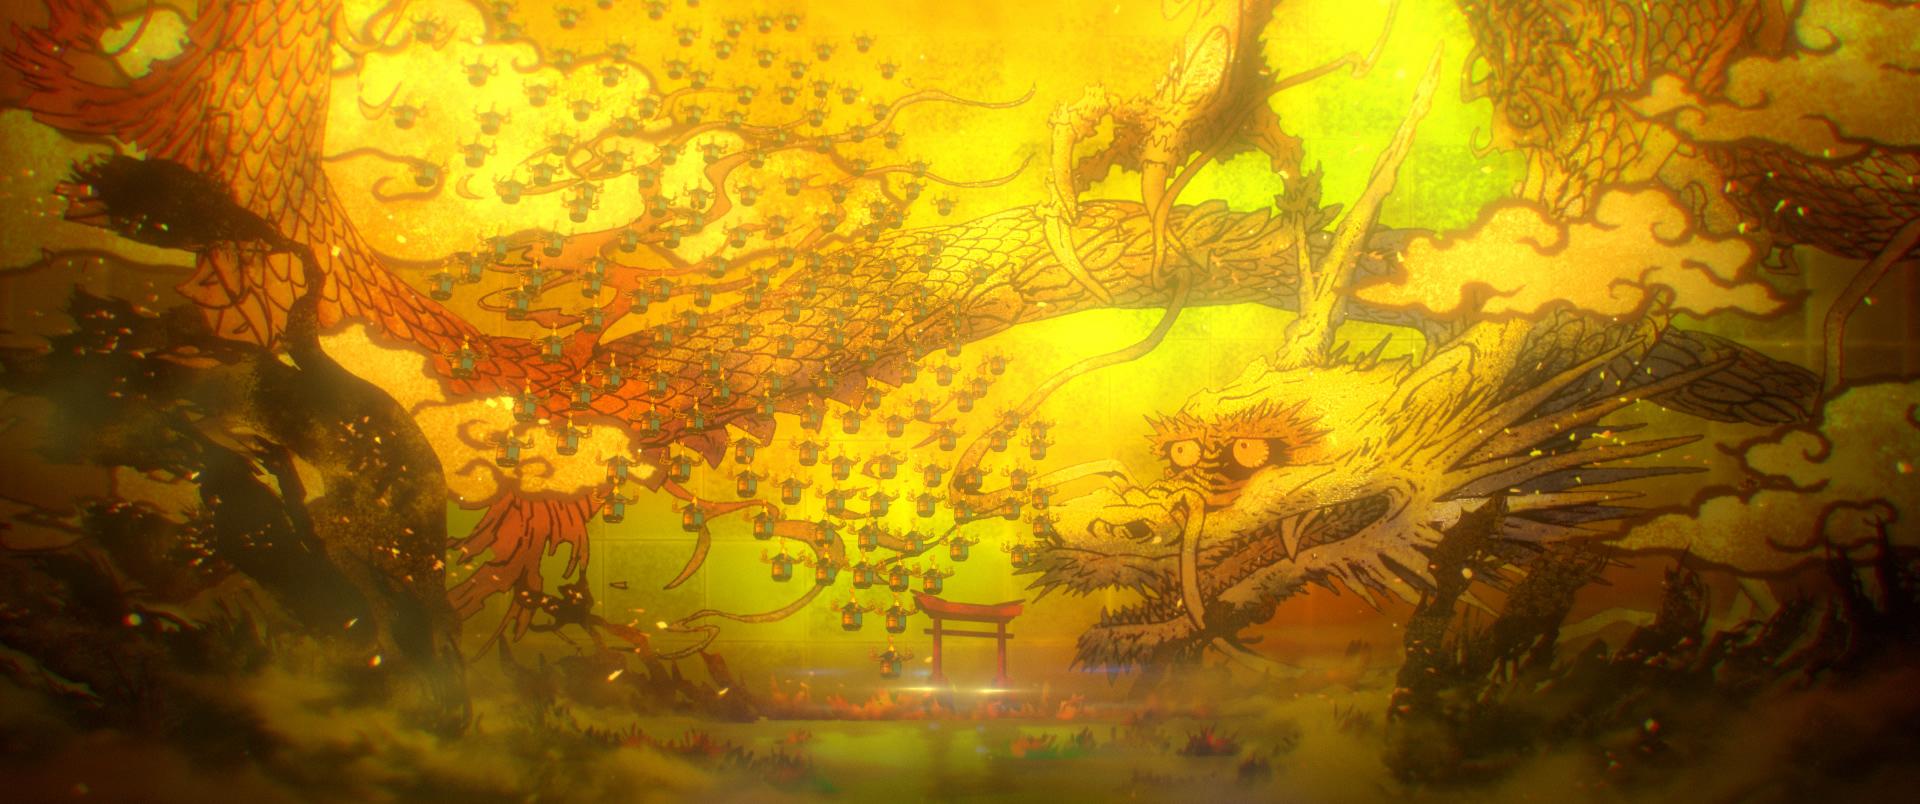 Эксклюзив: отрывок полнометражного аниме Human Lost 9